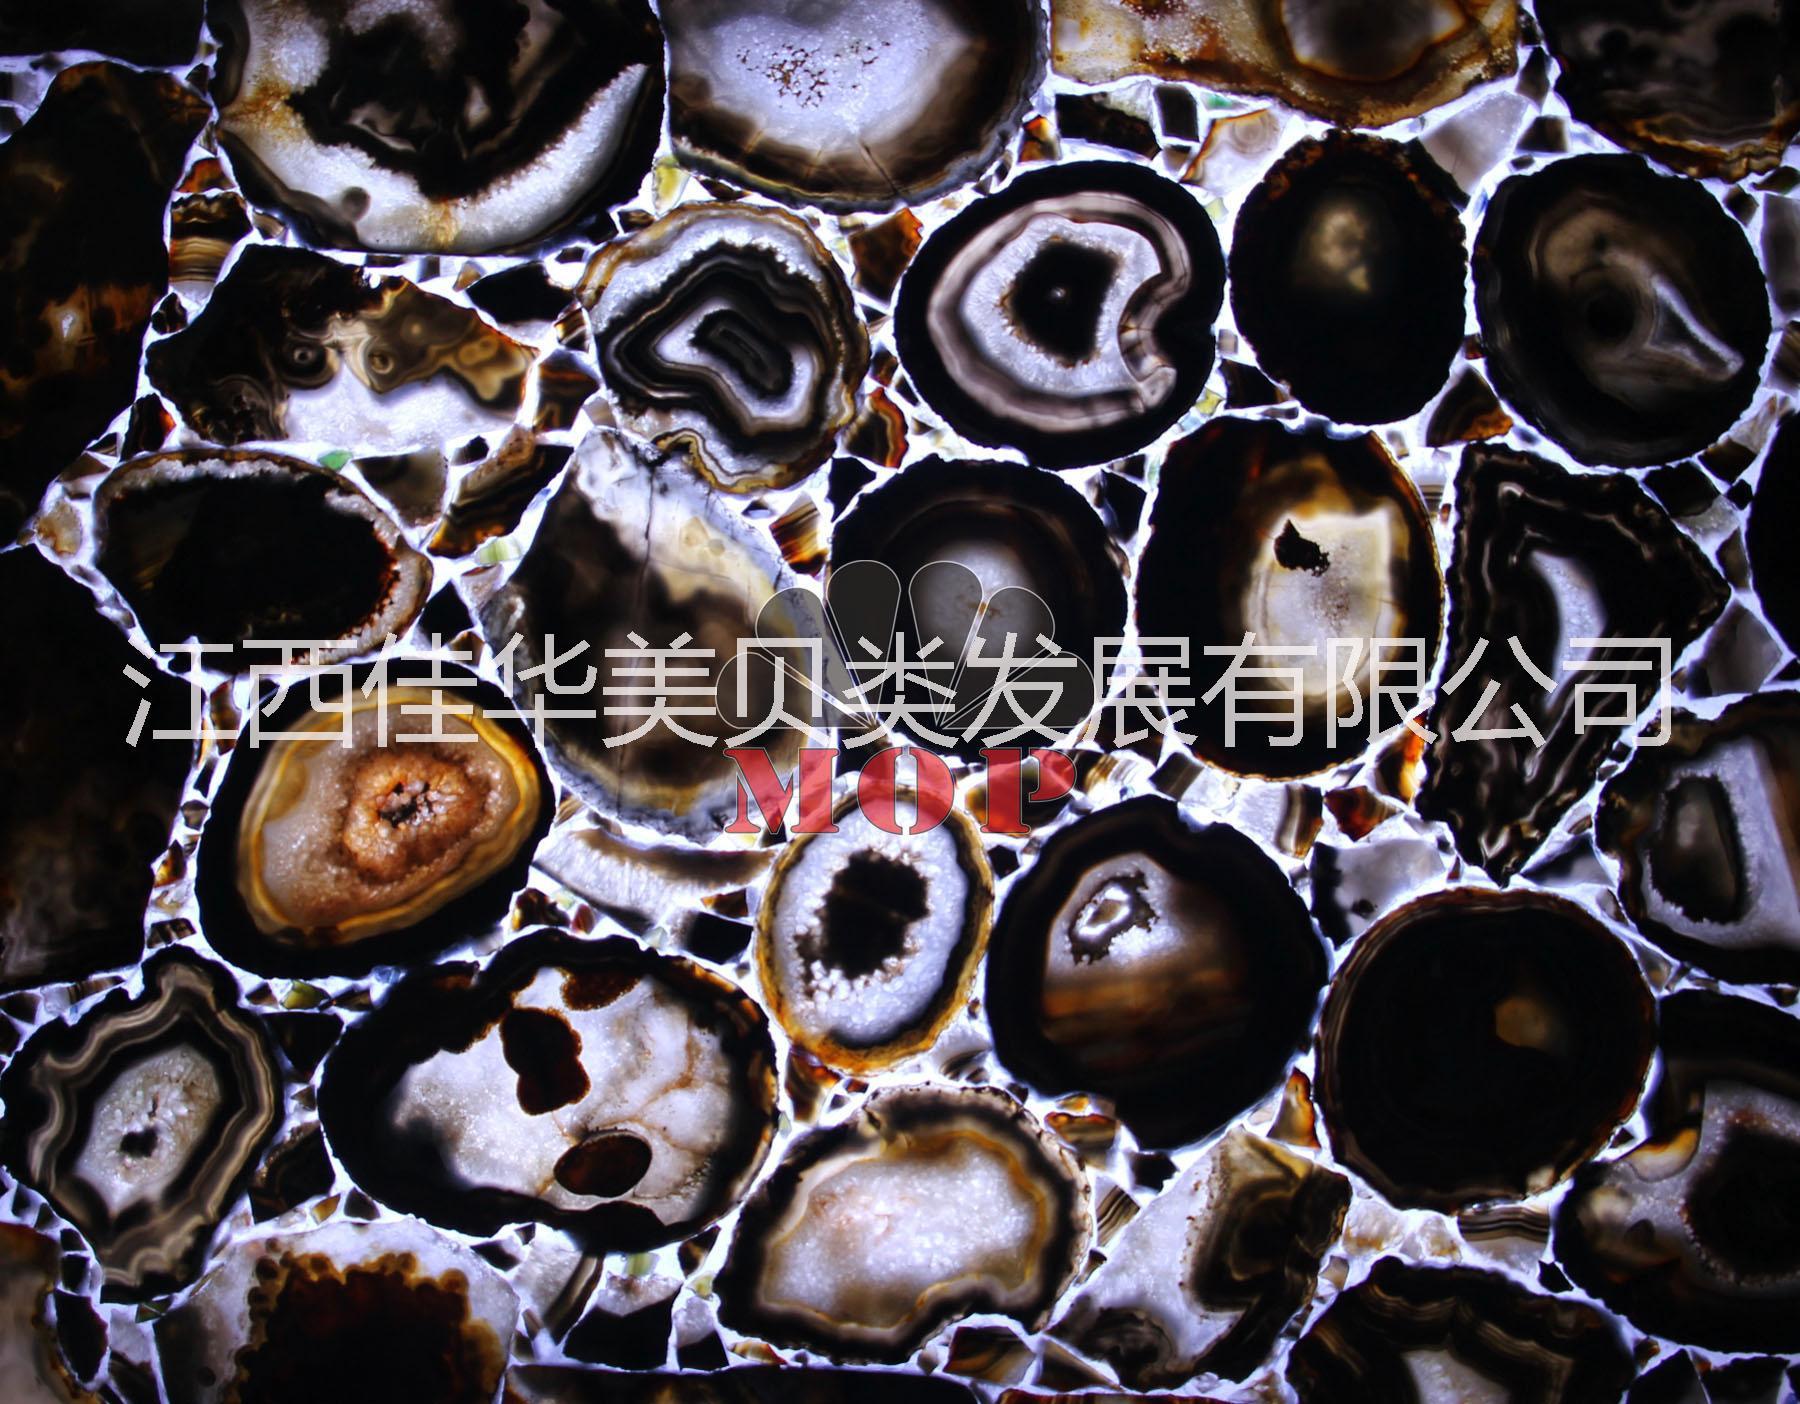 供应供应天然宝石板,黑玛瑙装饰板